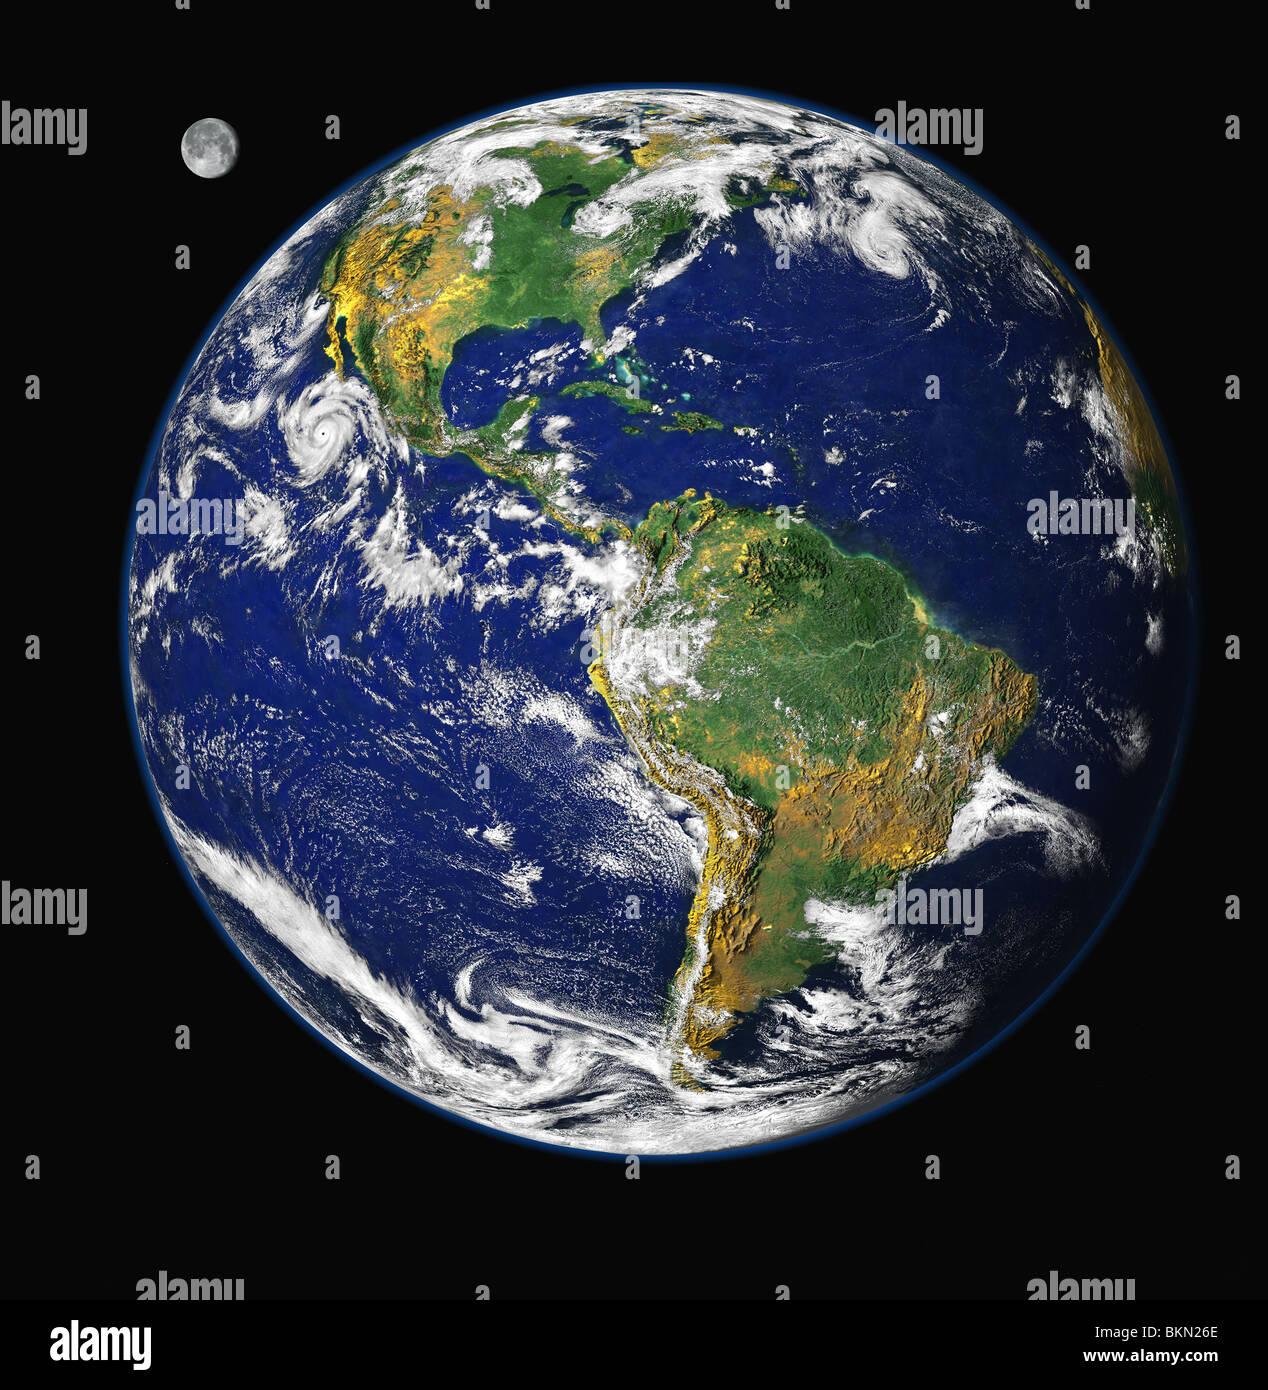 Terre et Lune vue de l'espace, avec l'Amérique du Nord & Amérique du Sud visible Photo Stock